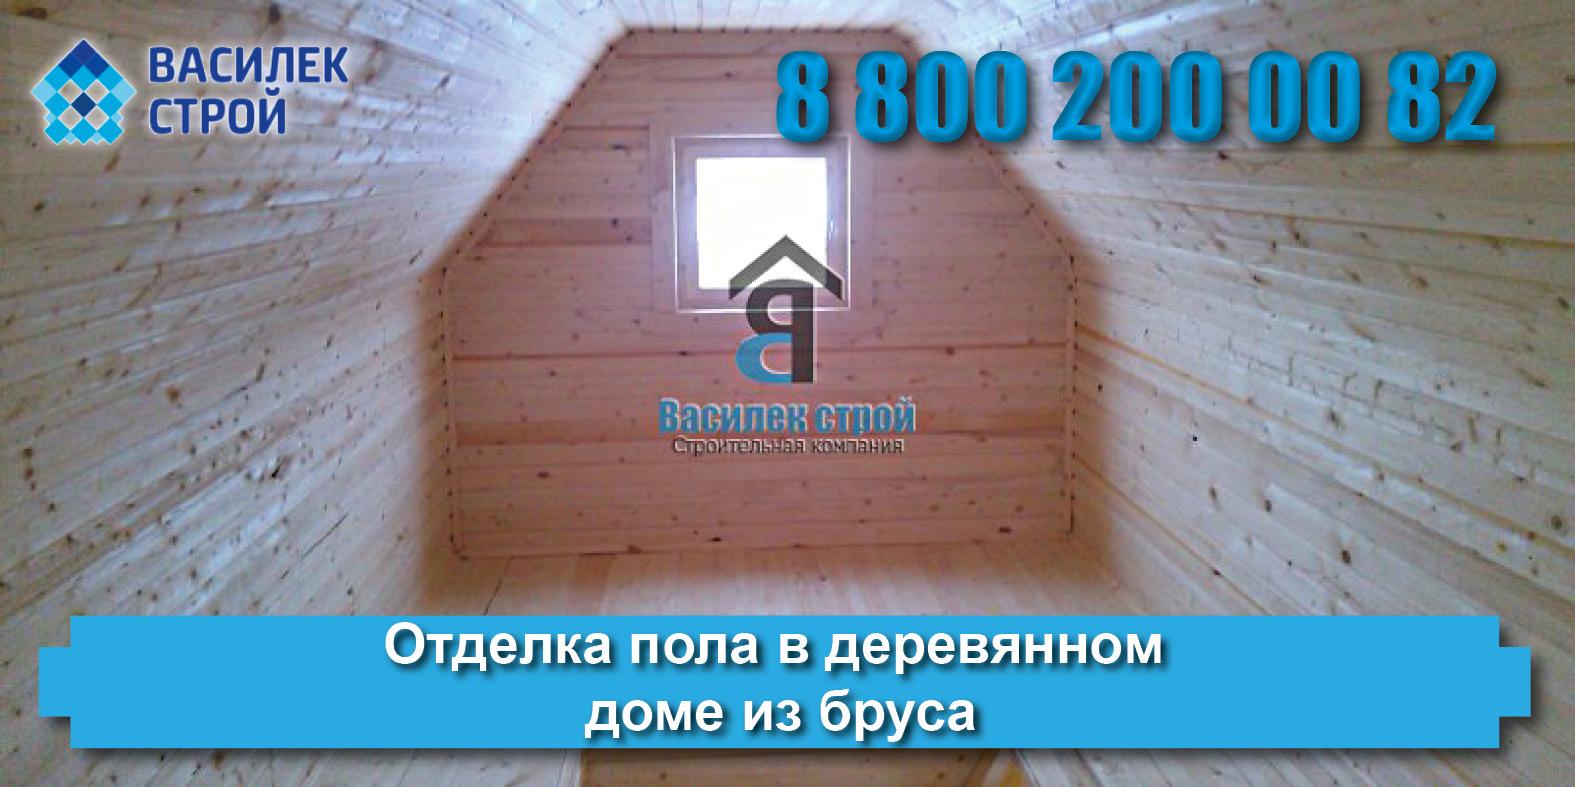 Самостоятельная отделка пола в деревянном доме: обустраиваем пол в ванной и на кухне своими руками